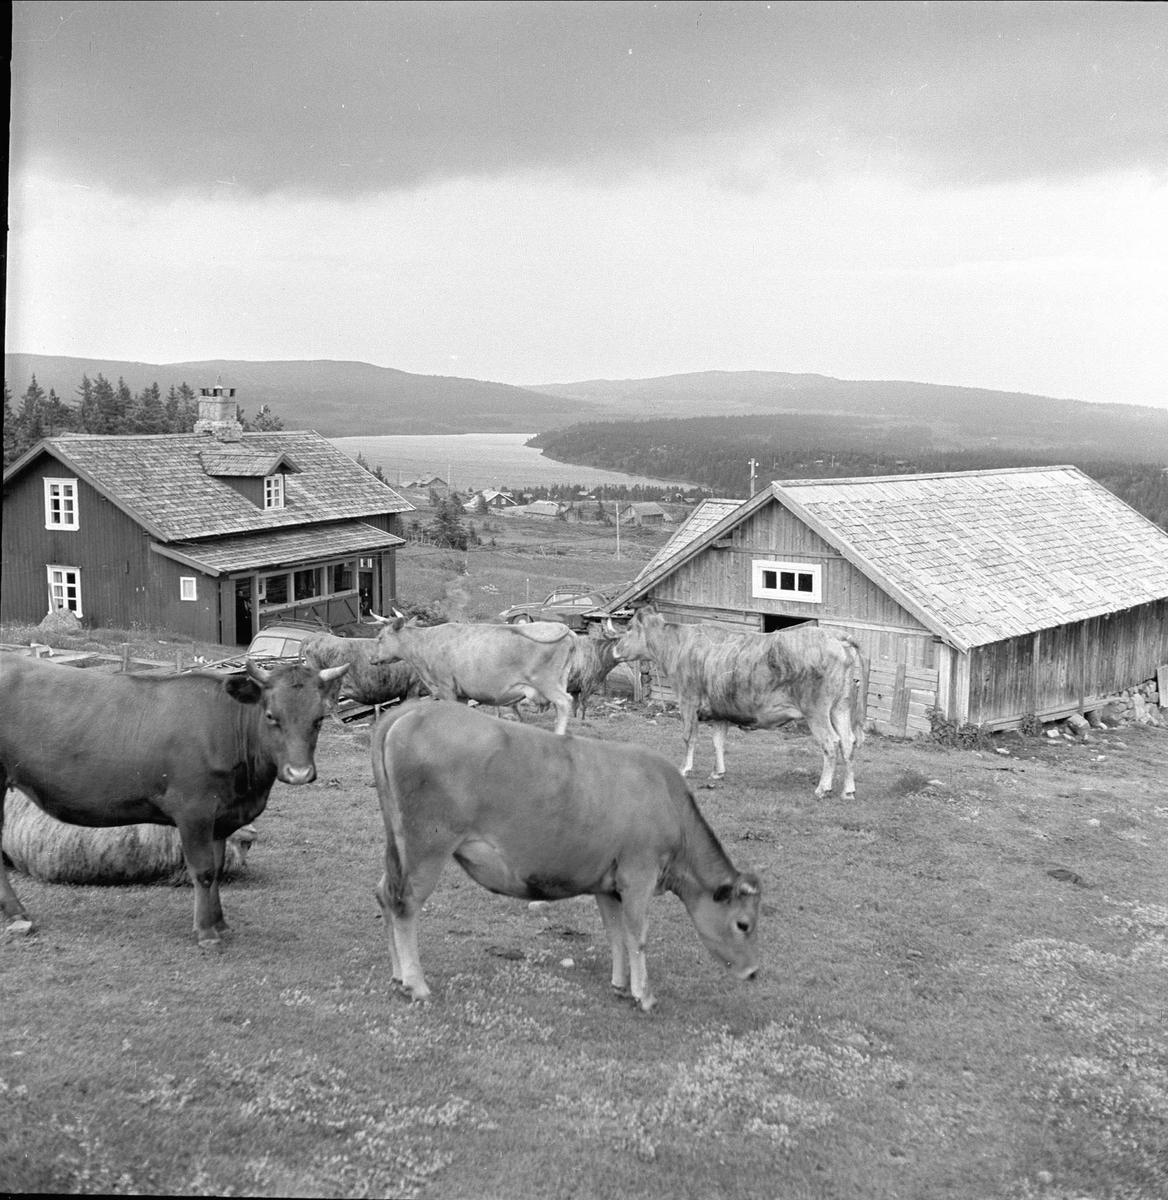 Sjusjøen, Ringsaker, Hedmark, juli 1954. Fjellandskap med seter og kuer.